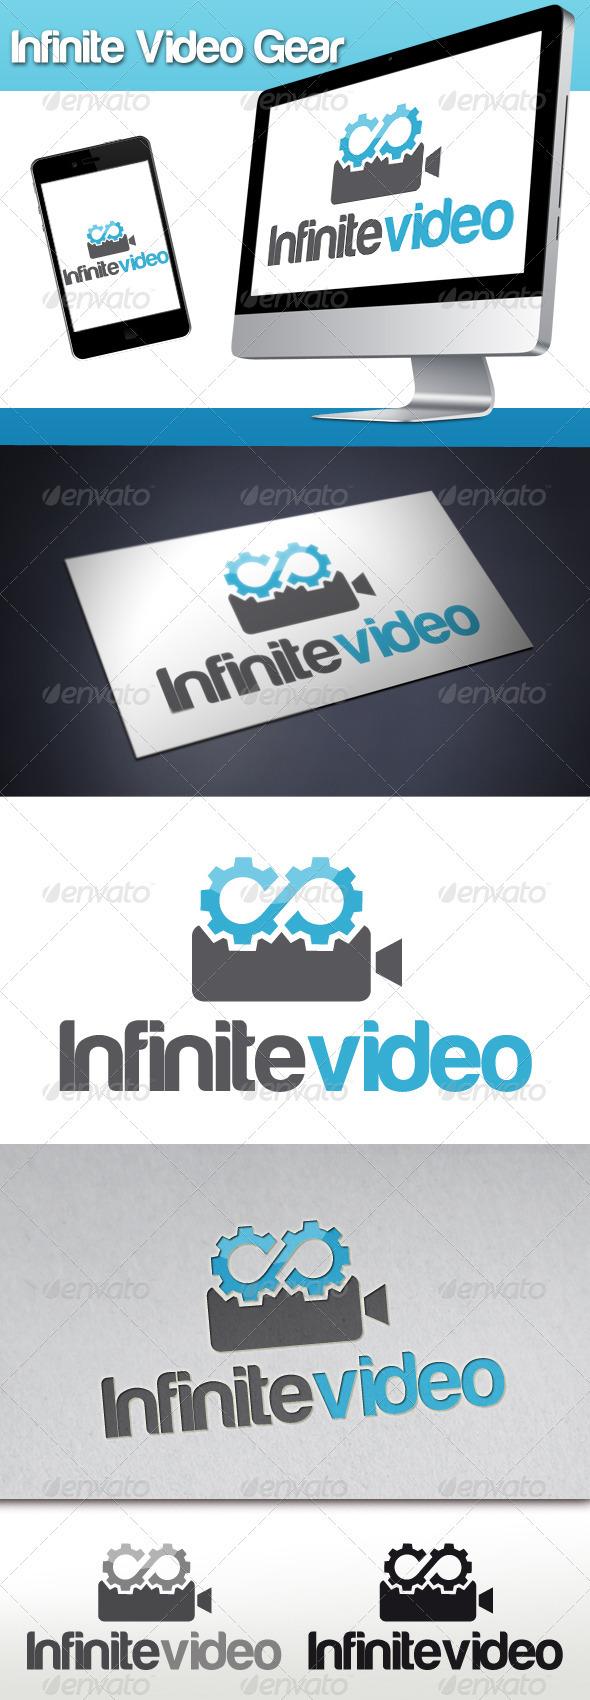 GraphicRiver Infinite Video Gear Logo 3315195